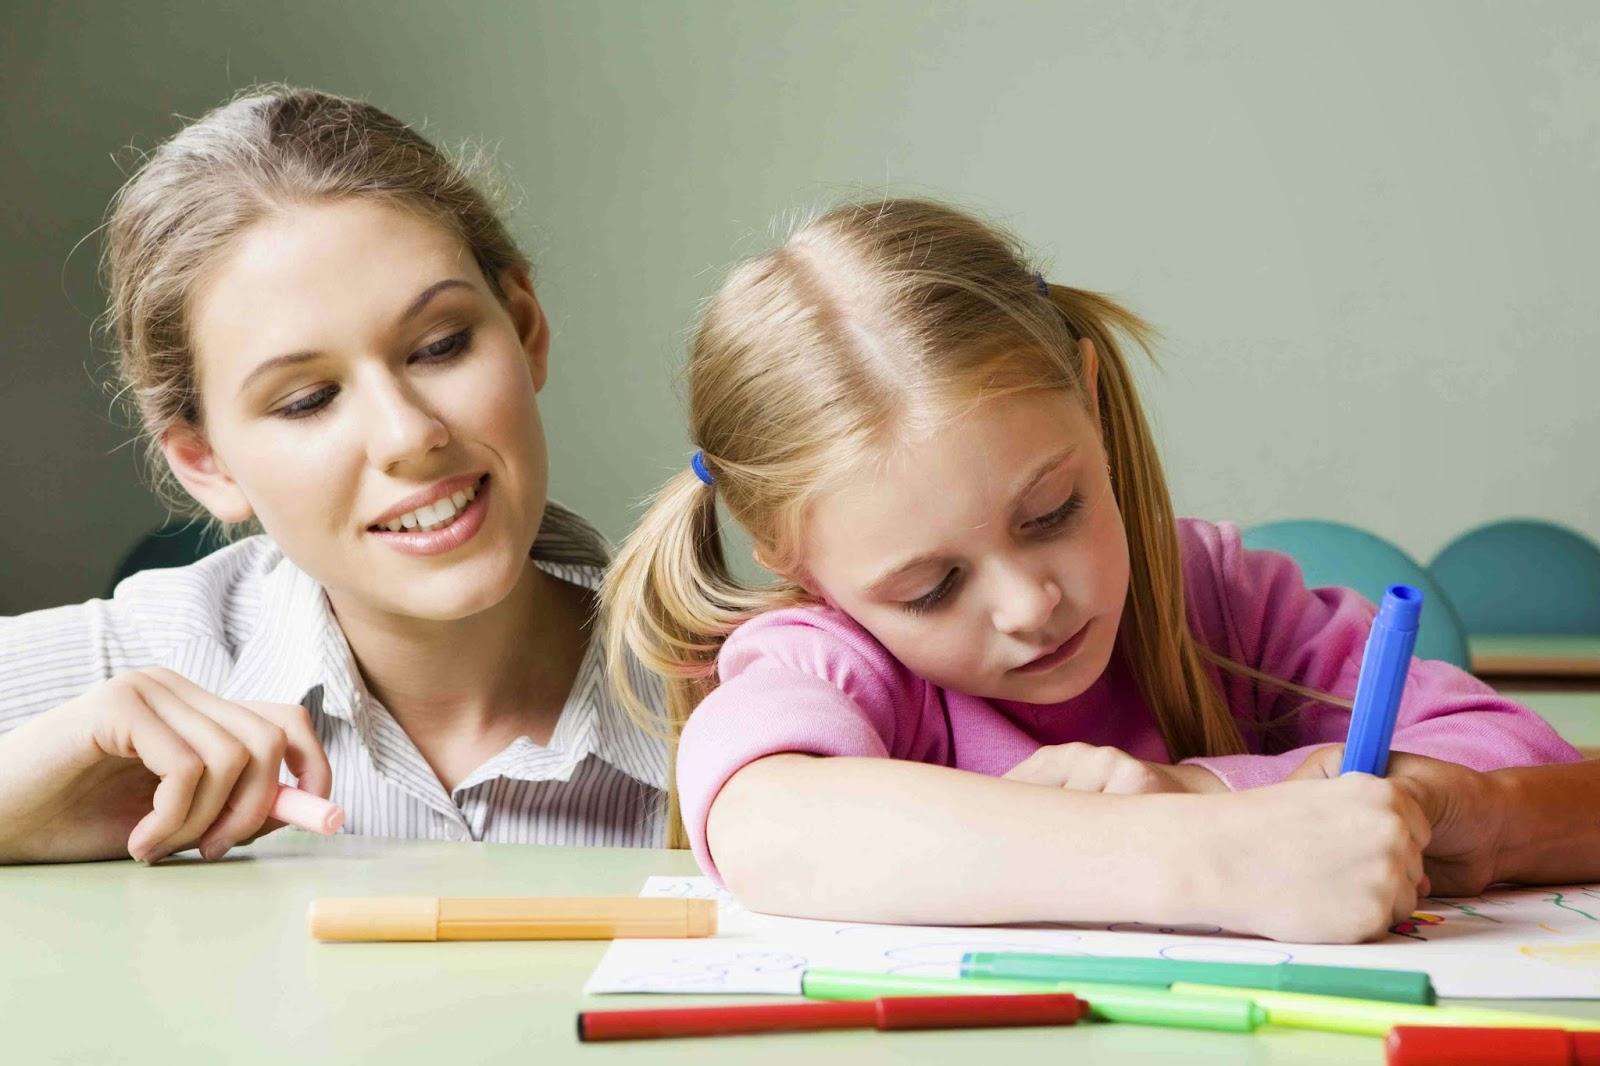 Phụ huynh khuyến khích giúp bé học toán lớp 3 hào hứng hơn